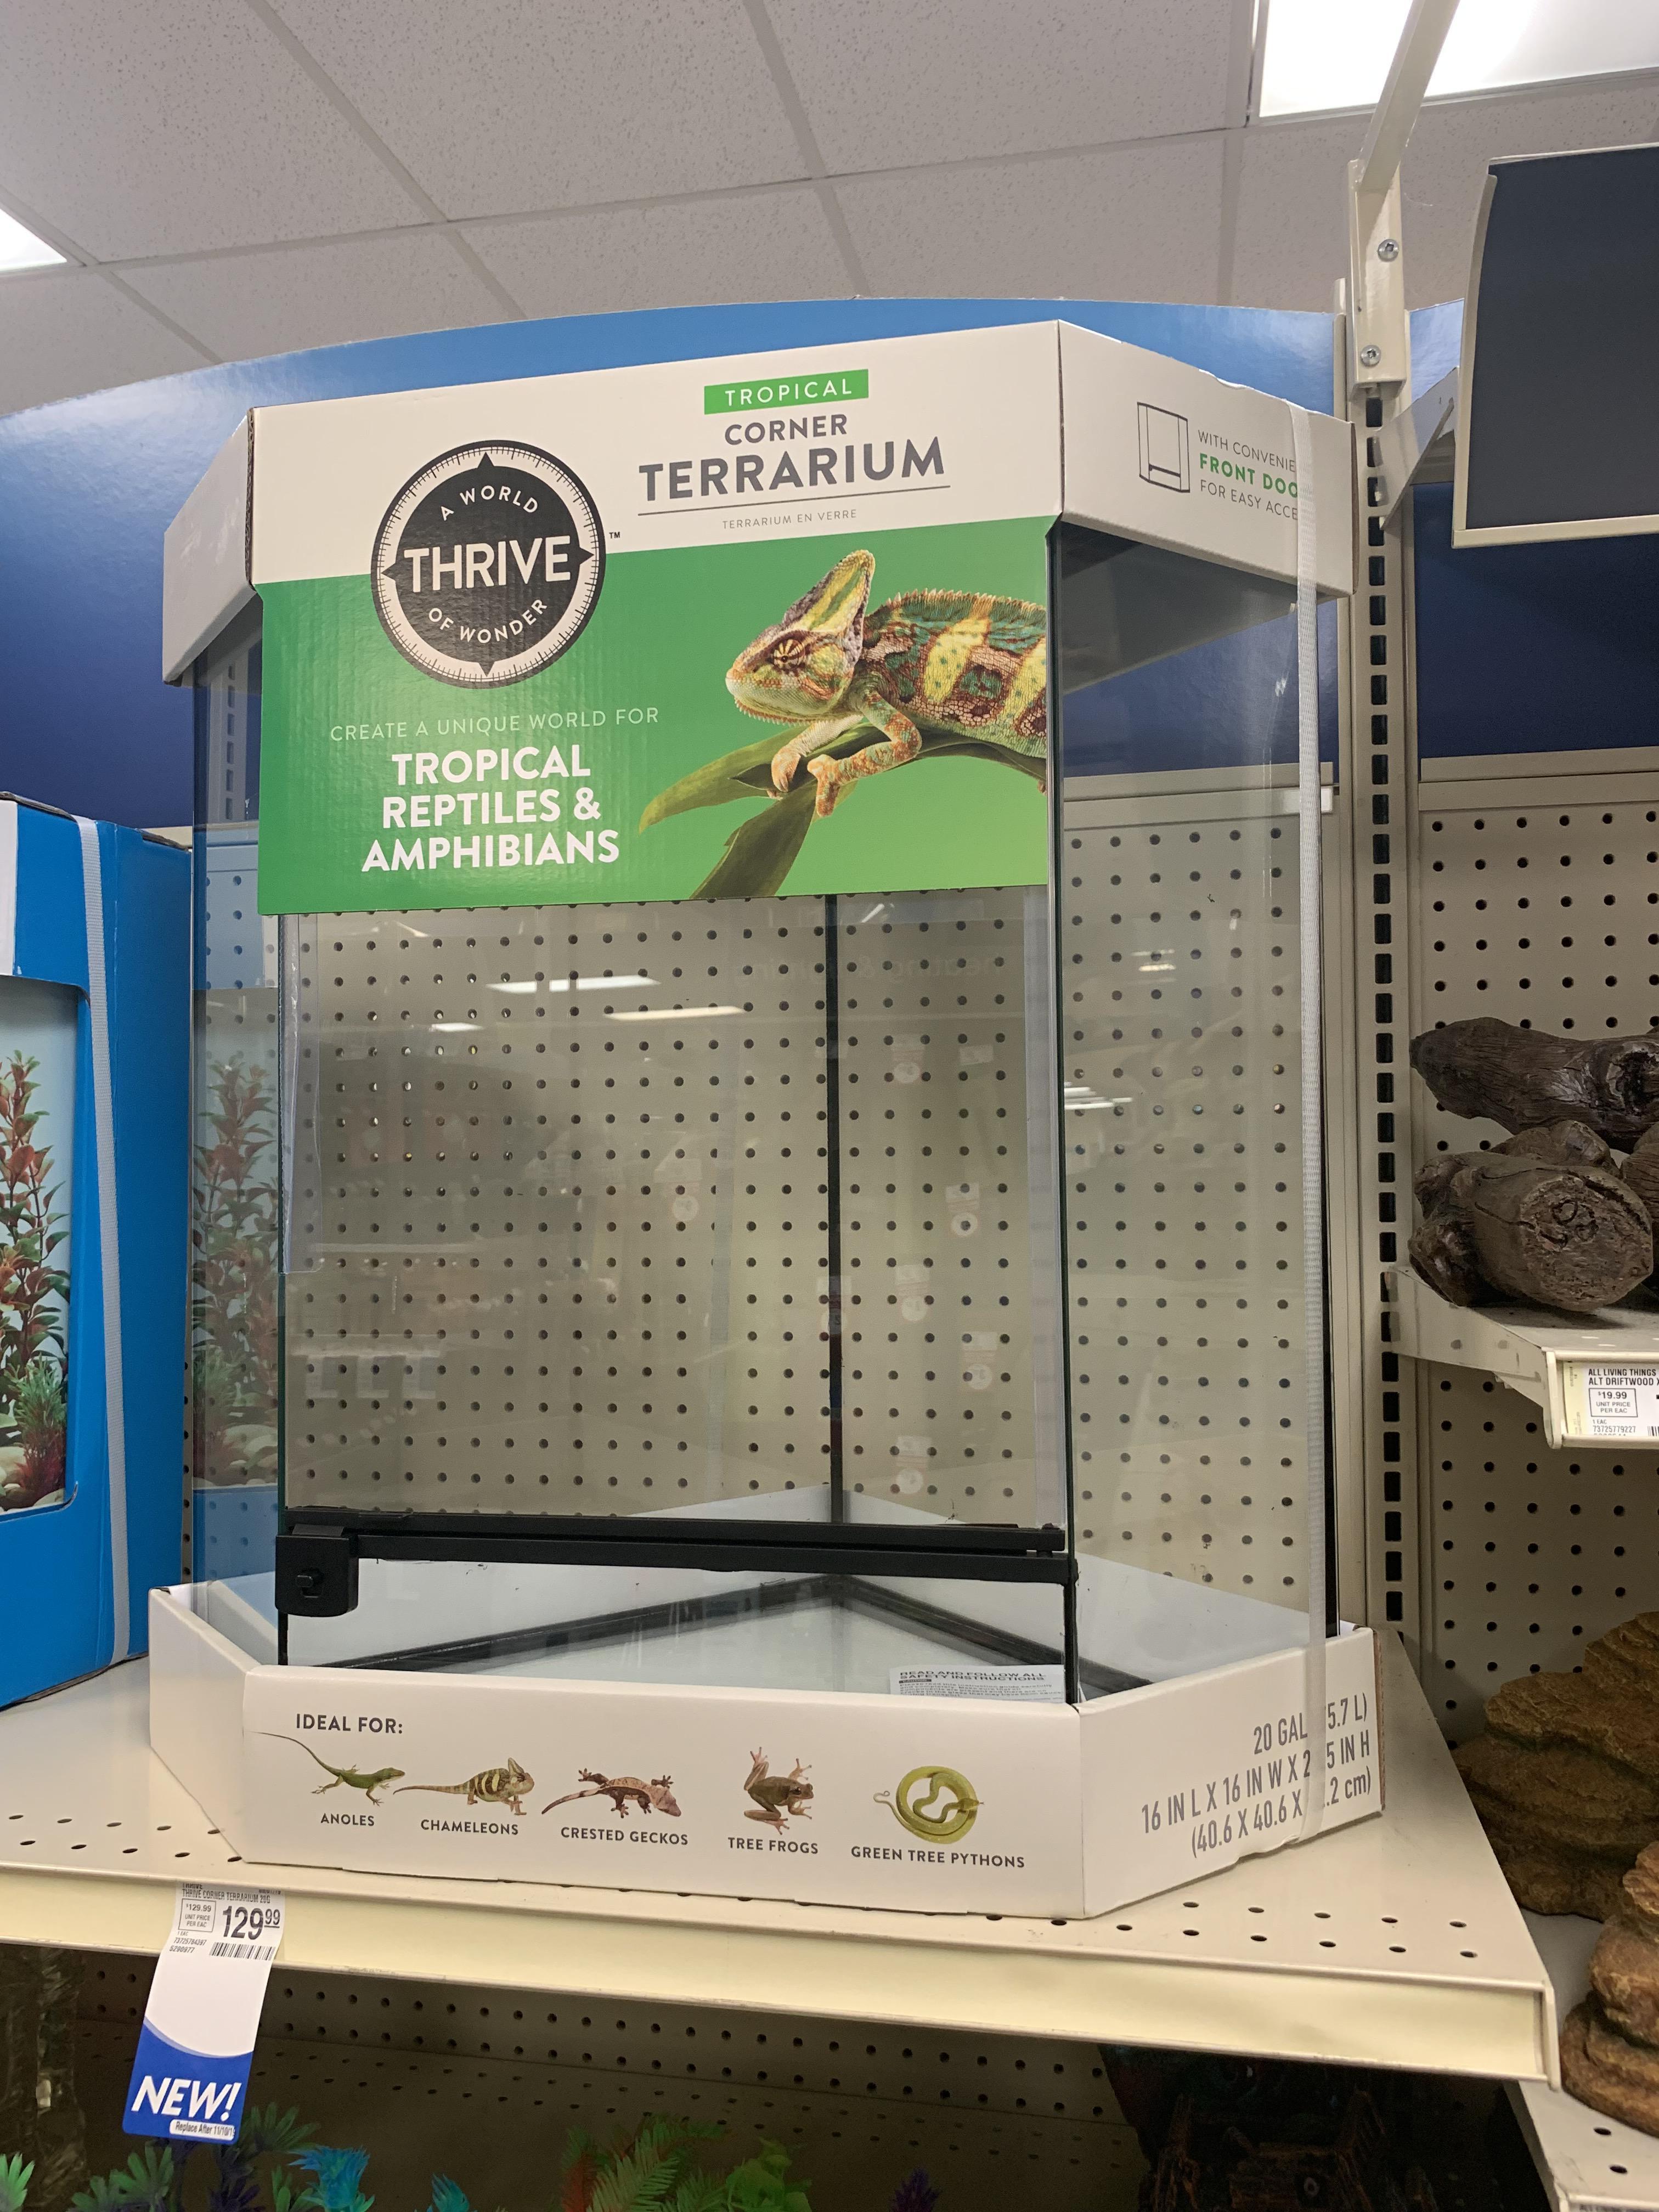 Petsmart Chameleon Cage : petsmart, chameleon, PetSmart, House, Brand, Advertising, Fully, Glass, Enclosure, Veiled, Chameleon..., Chameleons